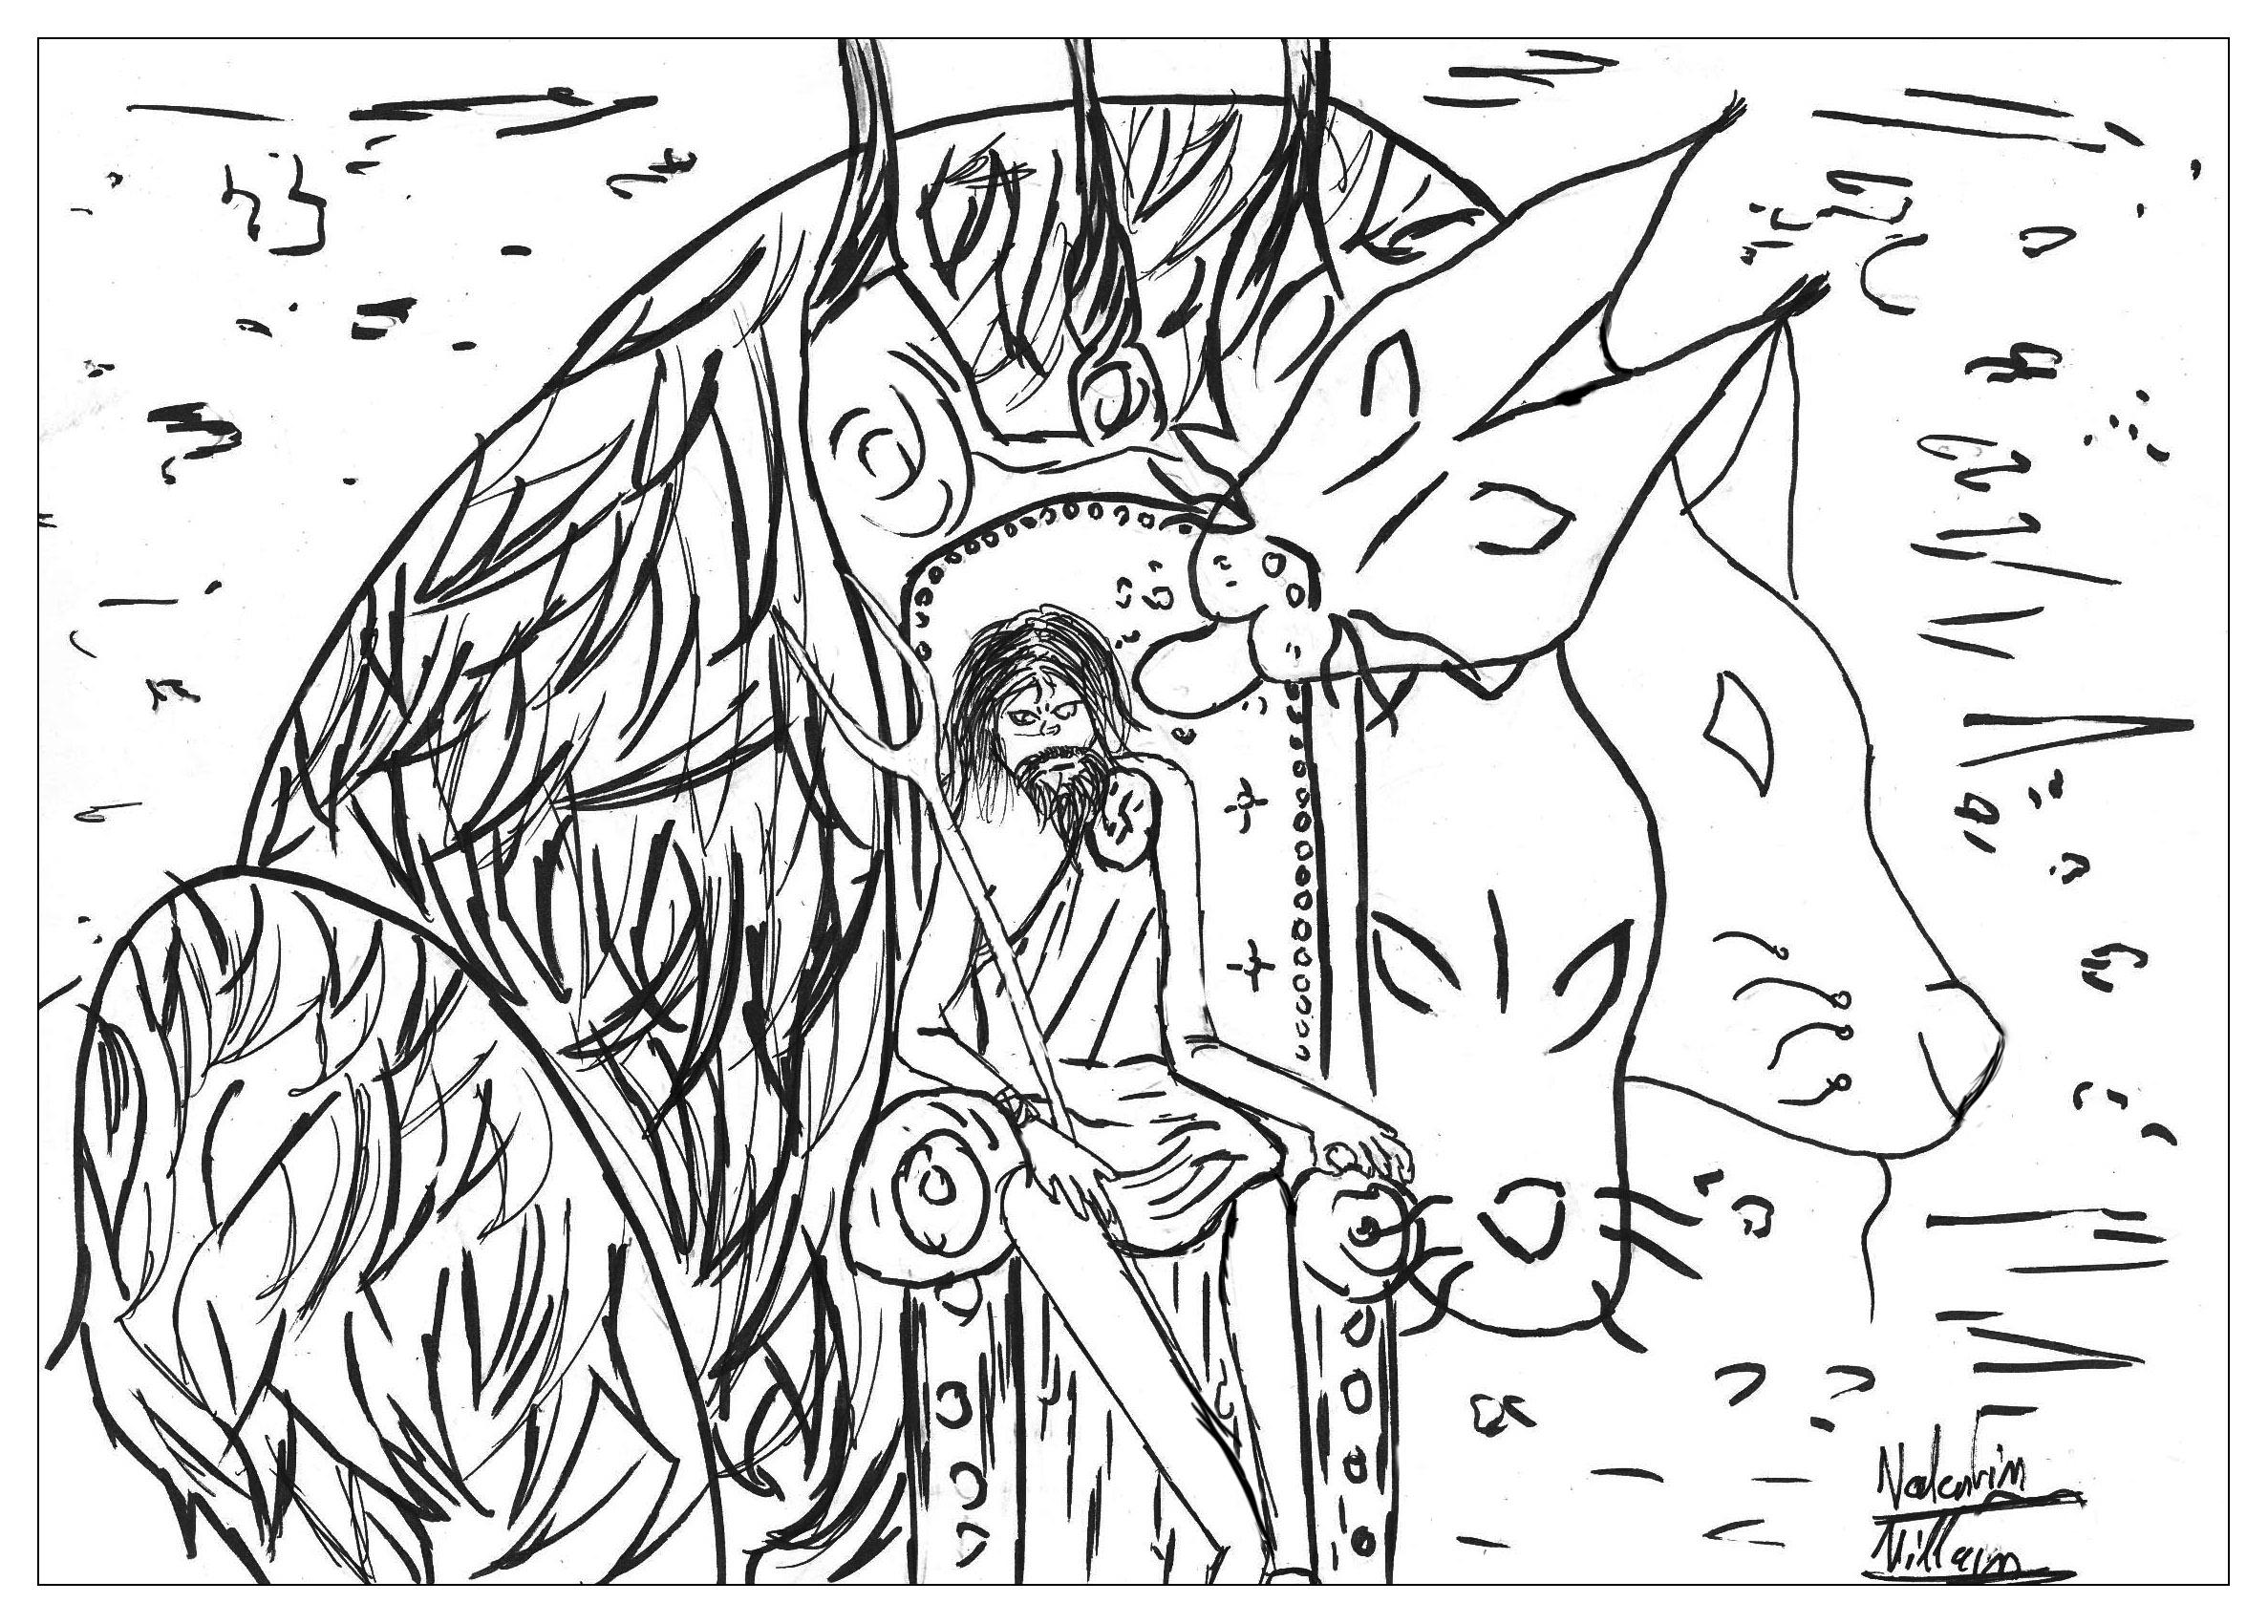 Le dieu de l'enfer Hades et son Cerber